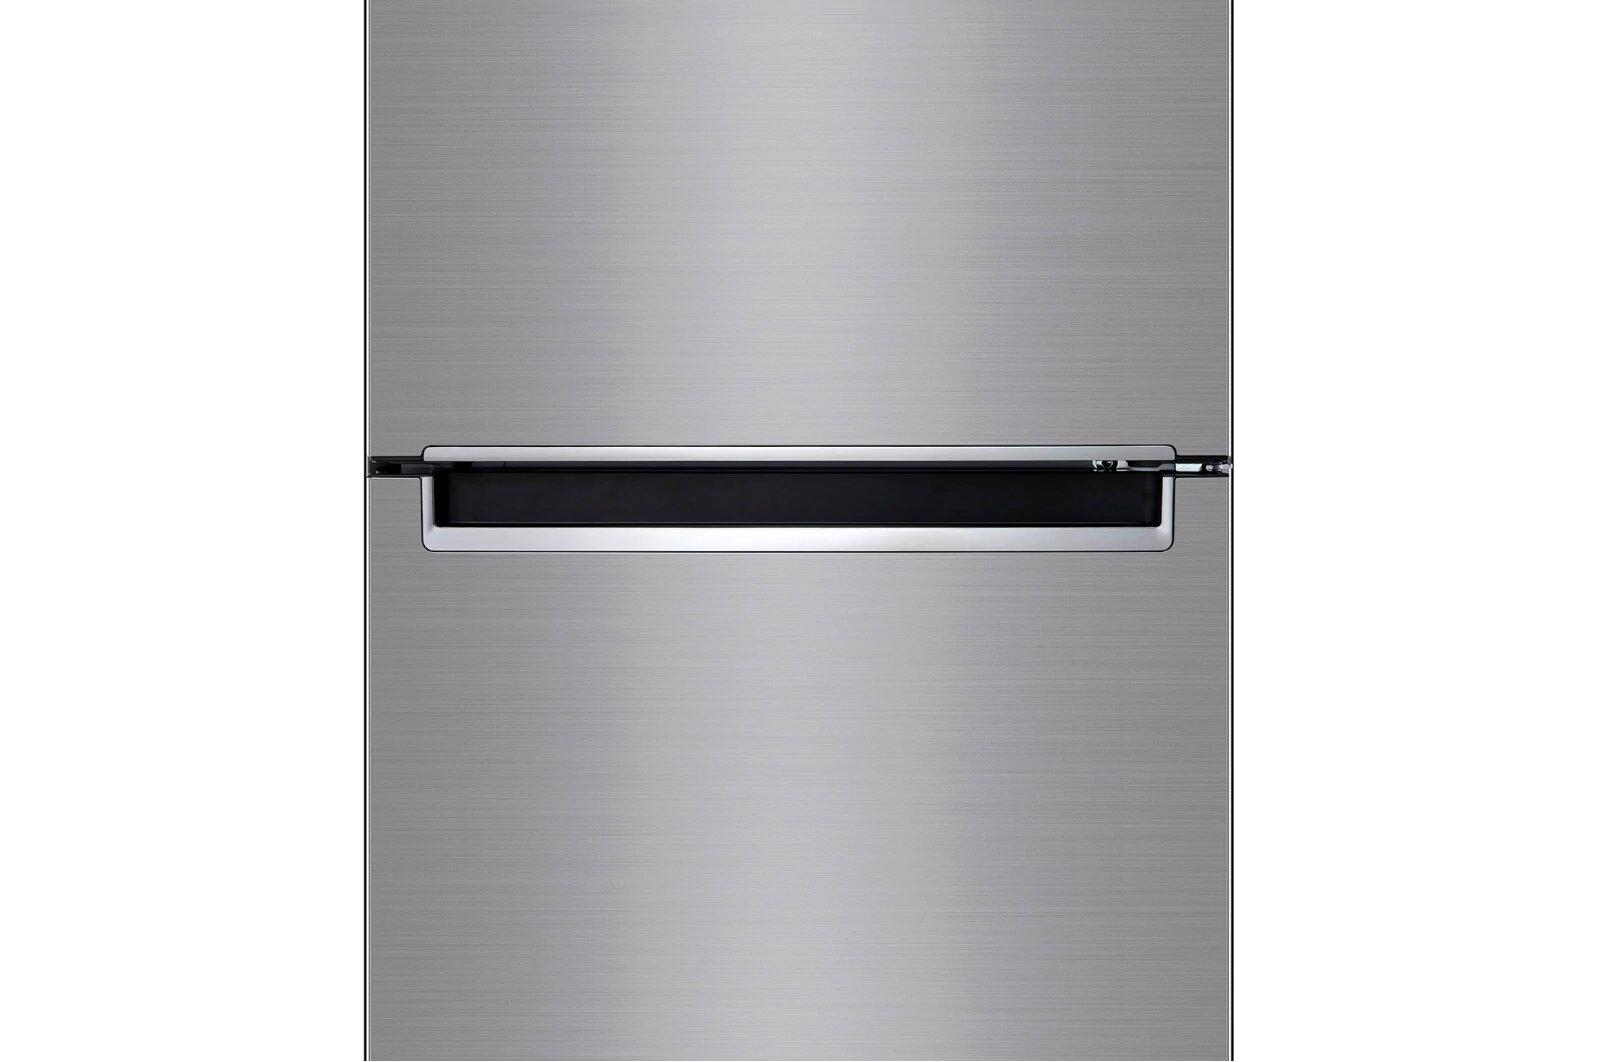 Холодильник LG GC-B509SMDZ 2